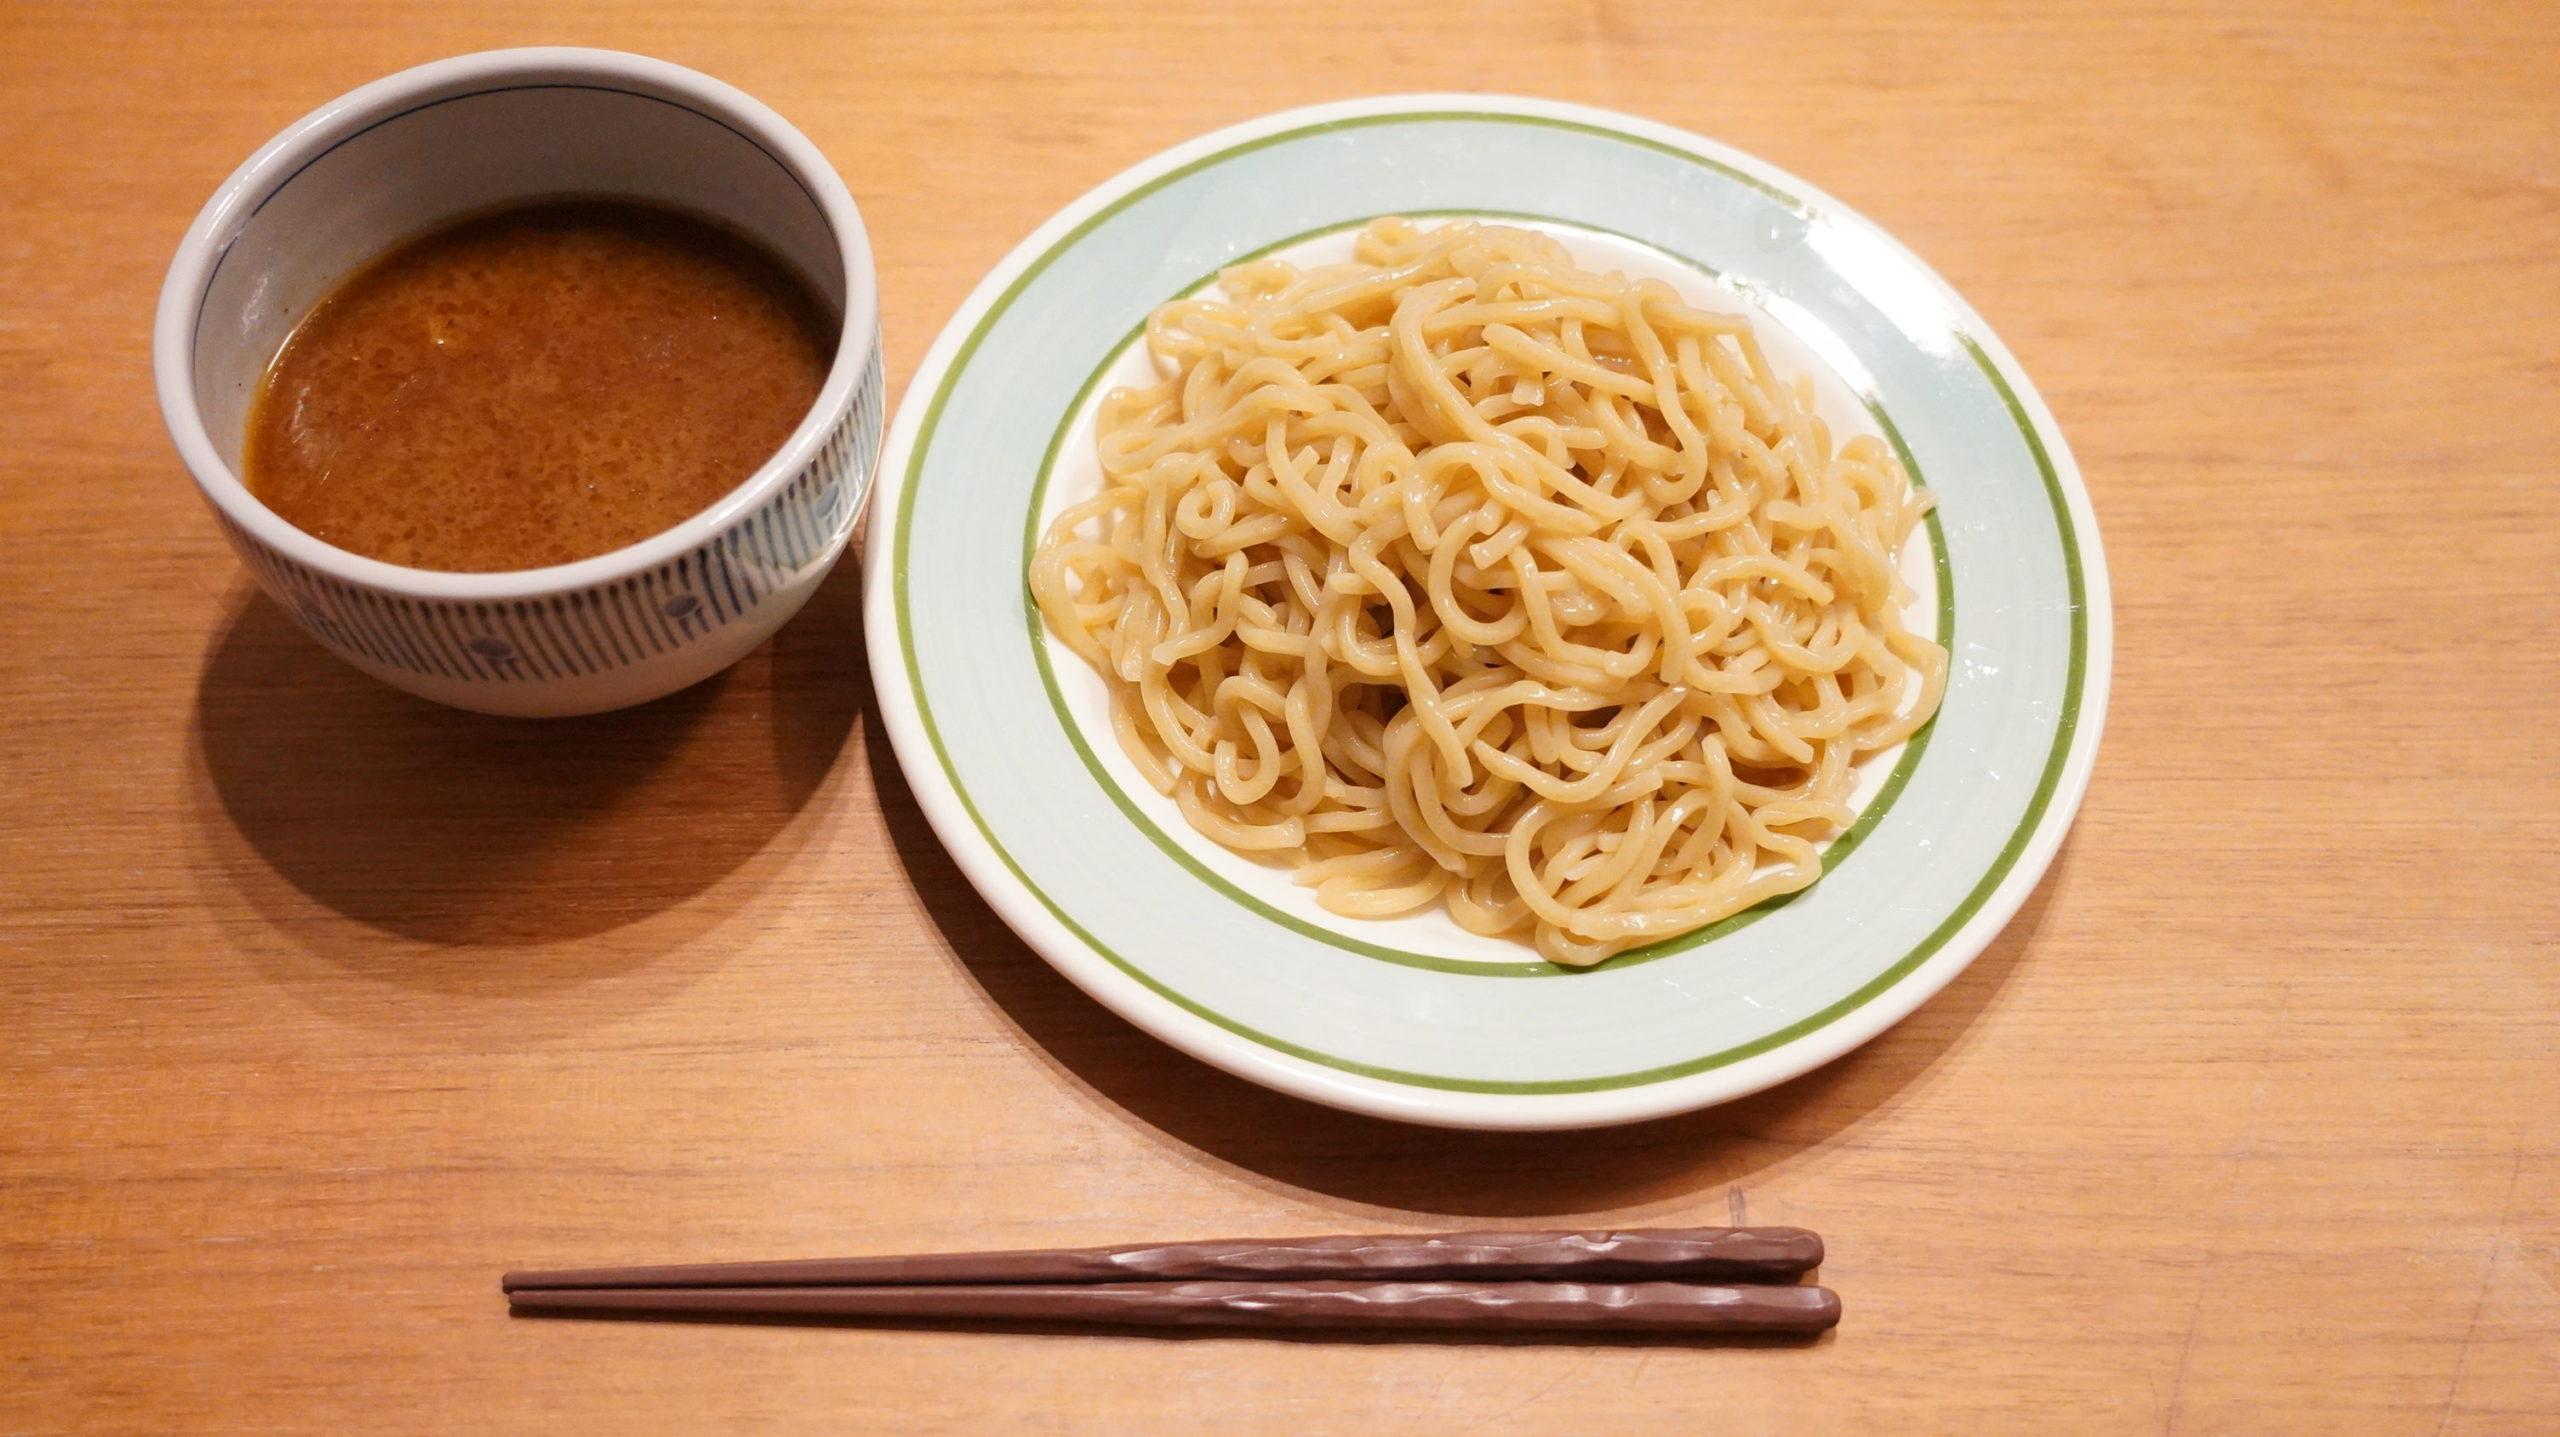 オンライン通販で注文した三田製麺所の「冷凍つけ麺」を上から撮影した写真